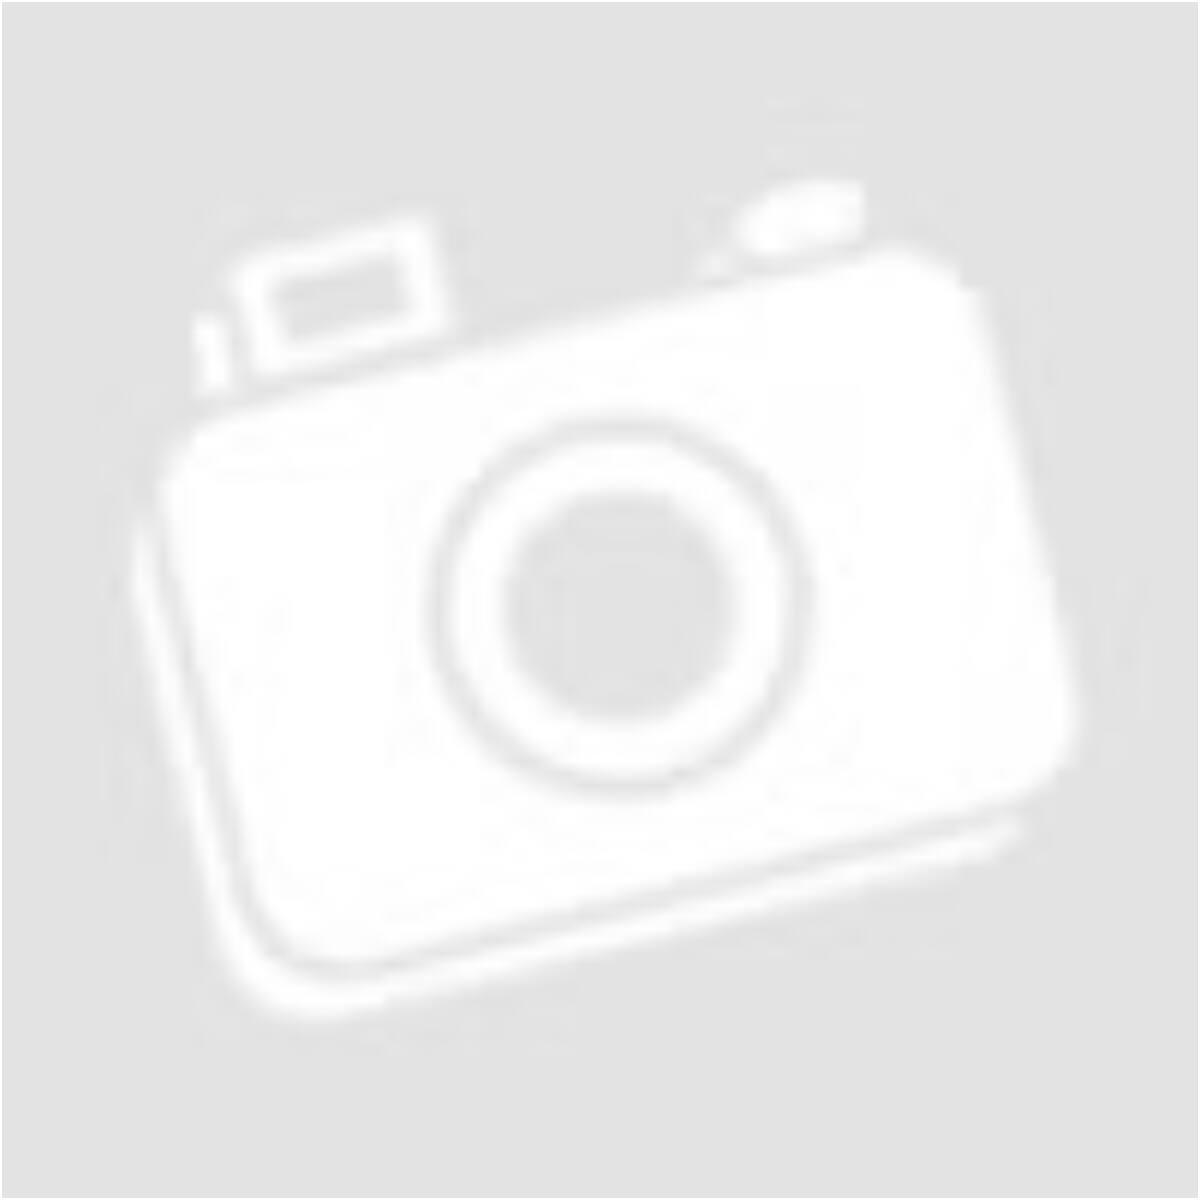 bcb41efc21 STOCKHOLM átmeneti bőrdzseki #9156- fekete (S-méret) - Átmeneti ...